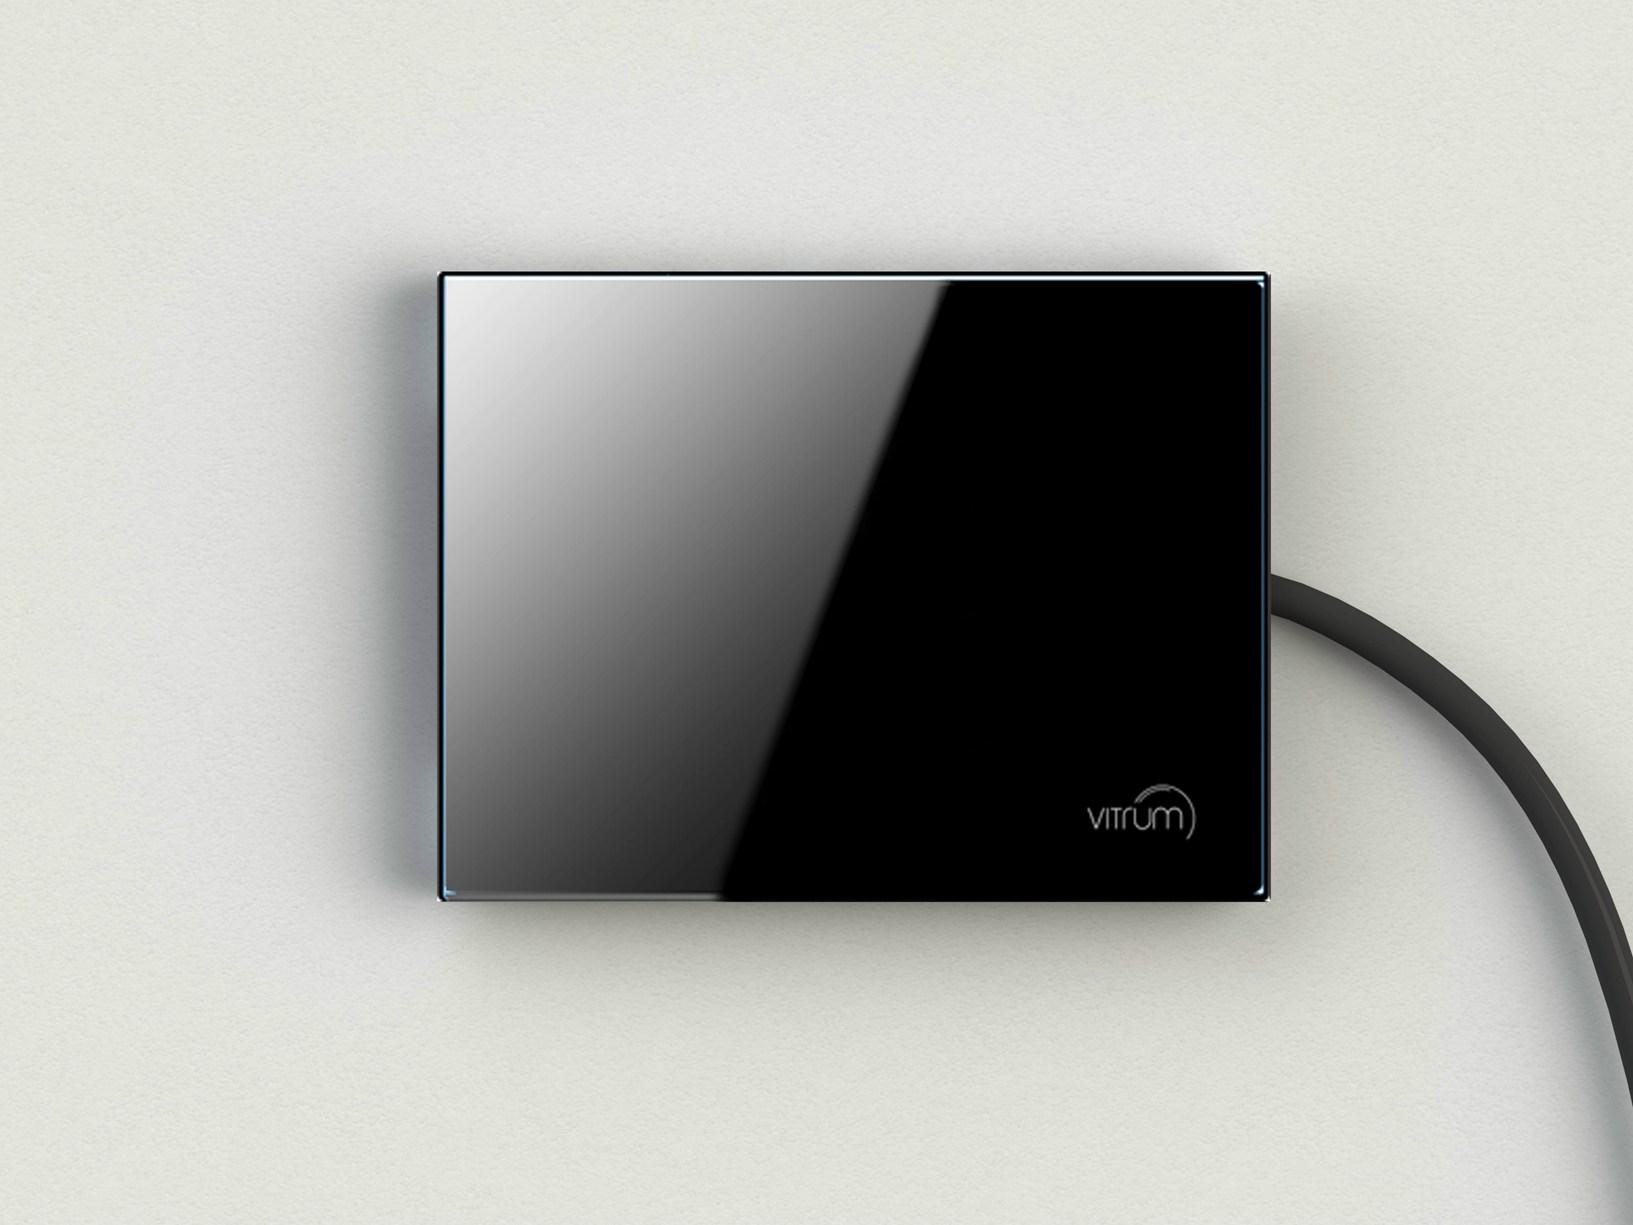 Vitrum presenta la nuova generazione d interruttori for Interruttori touch